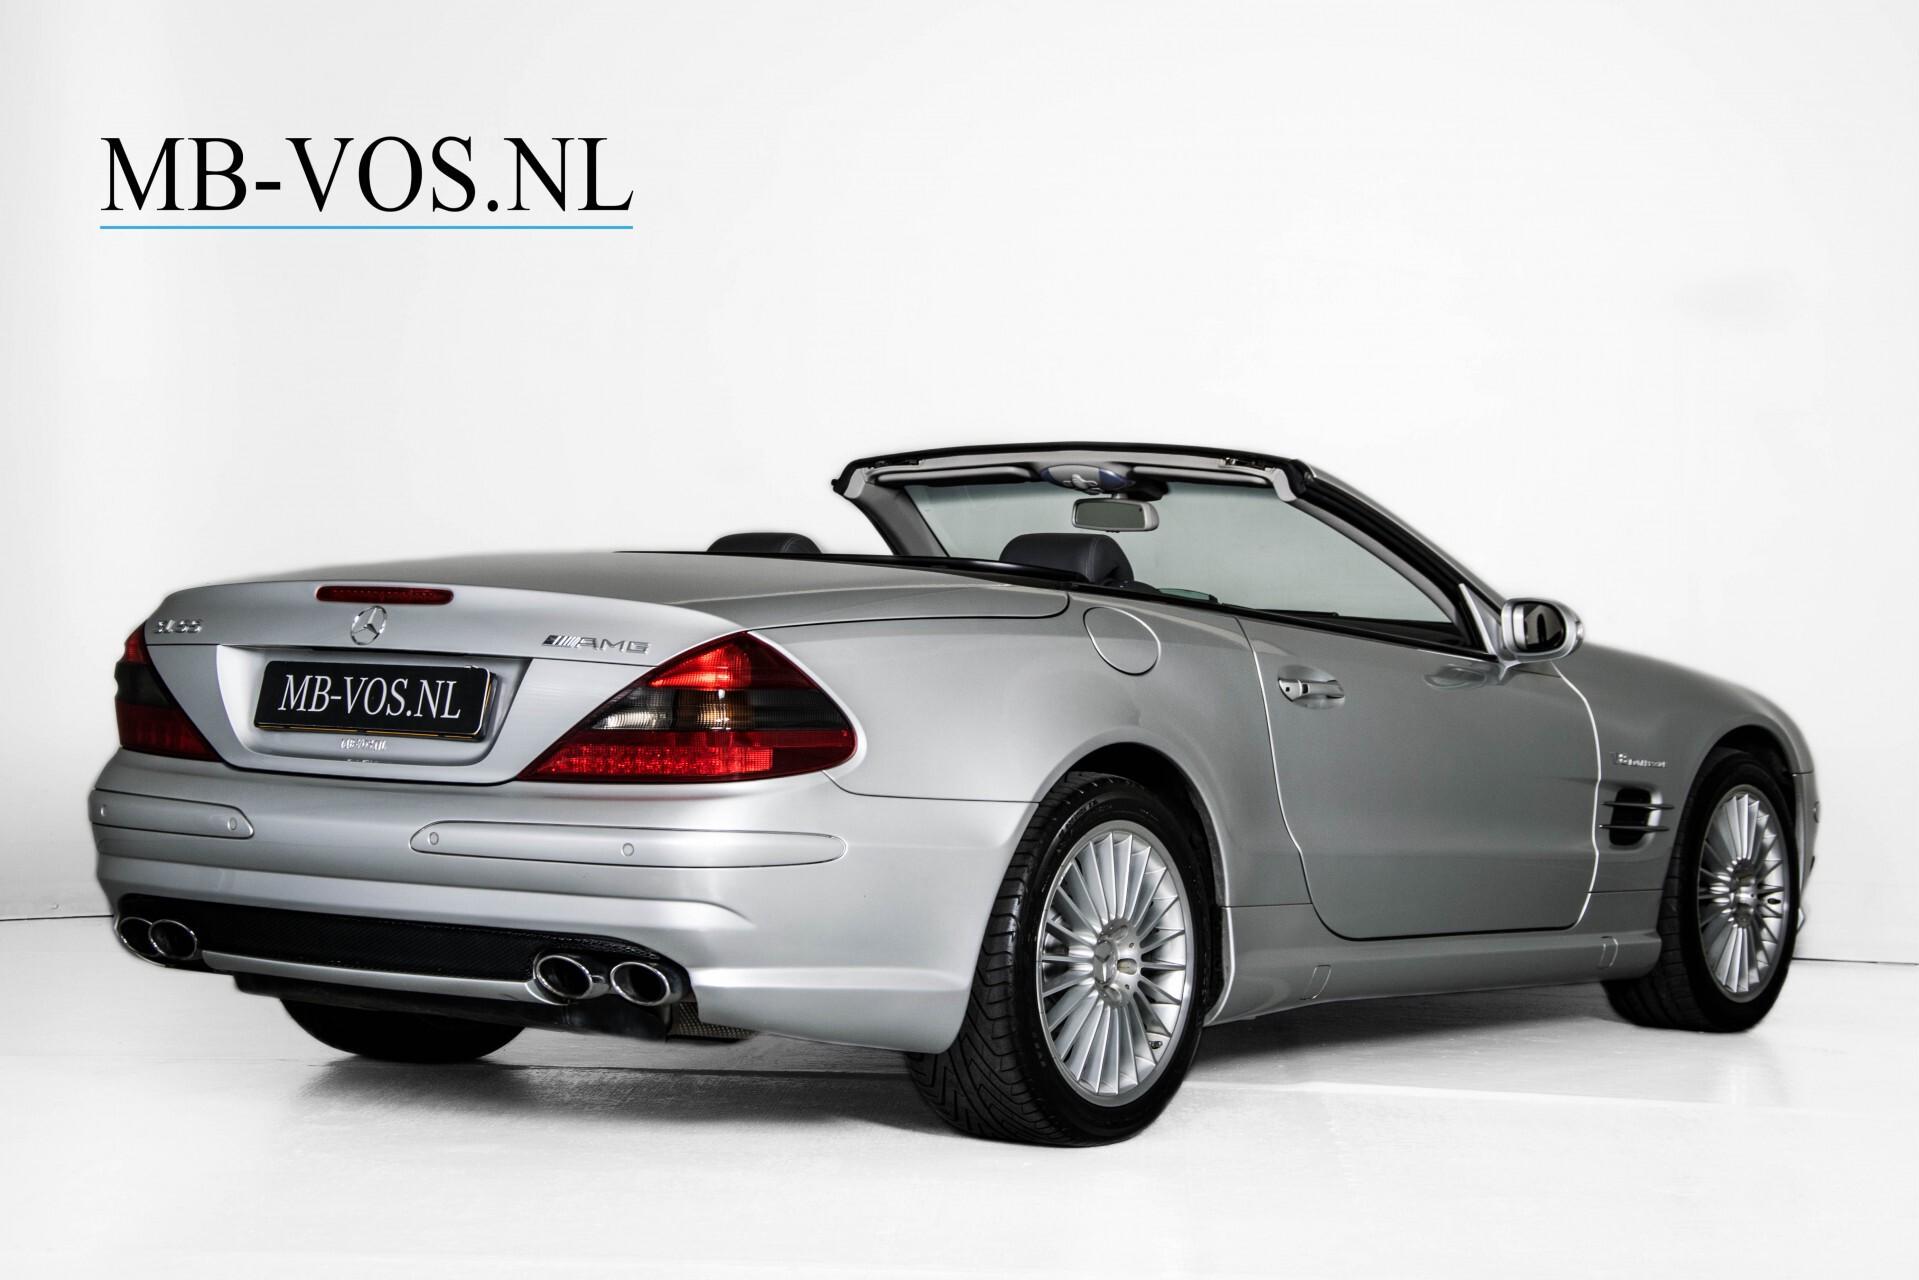 Mercedes-Benz SL-Klasse 55 AMG Aut5 in Nieuwstaat YOUNGTIMER Foto 3